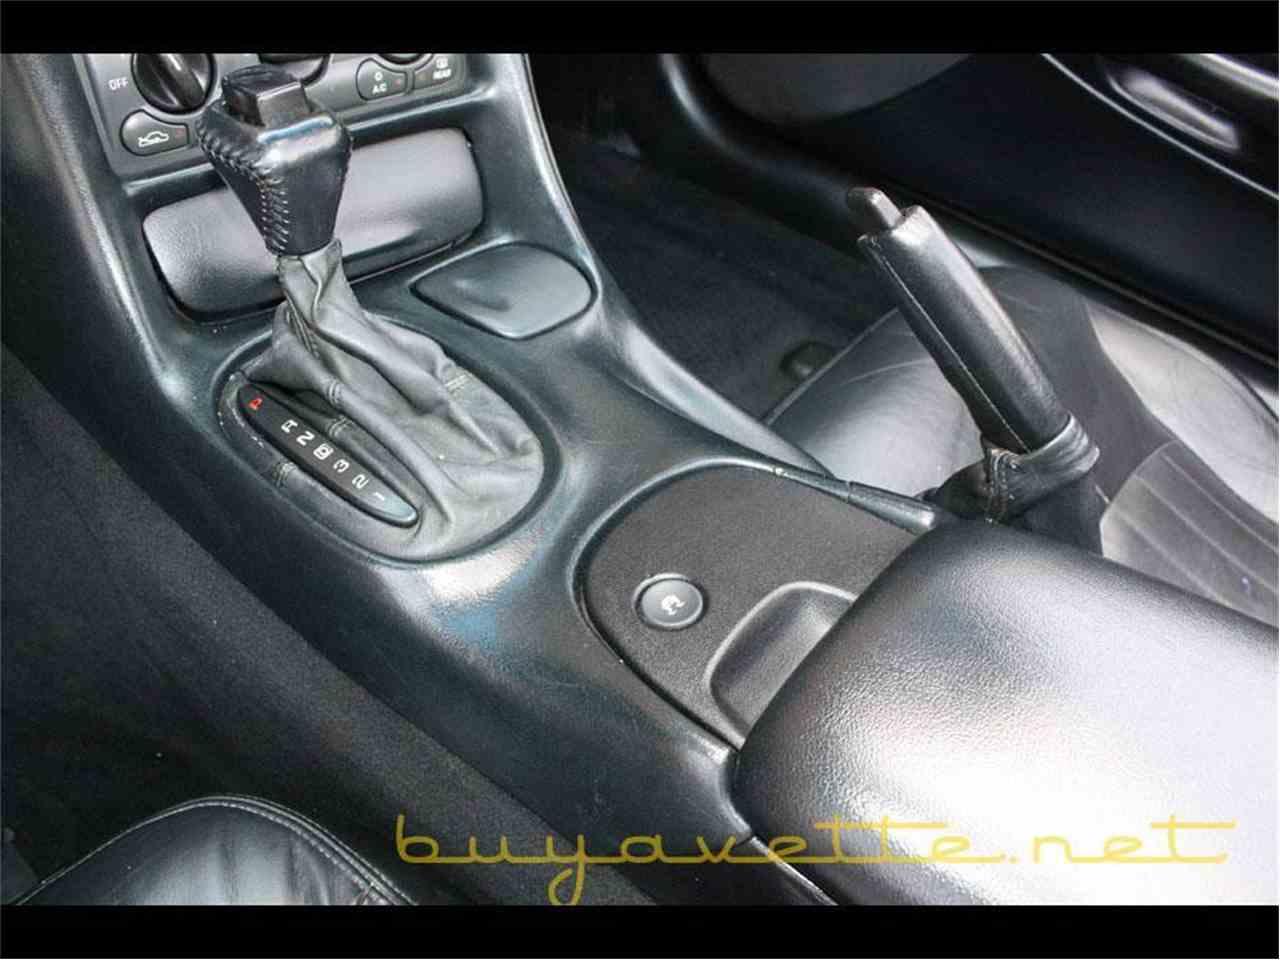 Large Picture of '99 Corvette located in Georgia - $13,999.00 - C89P